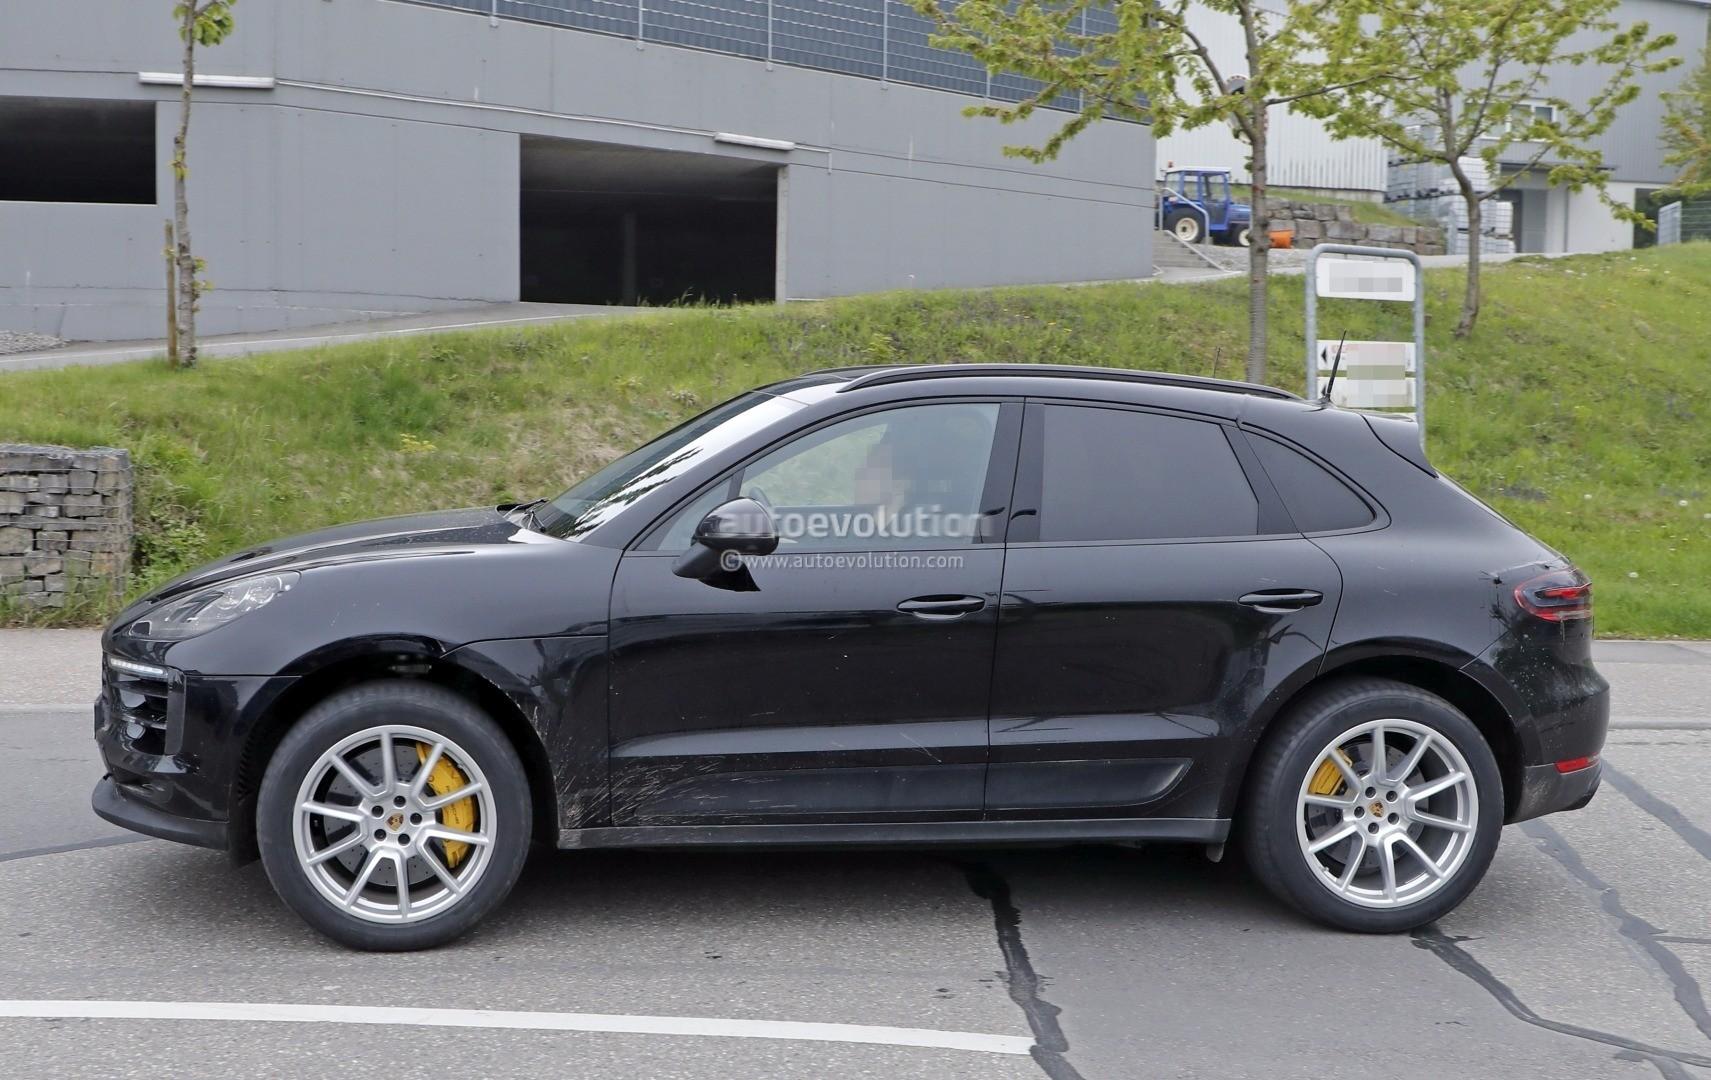 2019 Porsche Macan Facelift Getting Hotter But Porsche Denies Gt